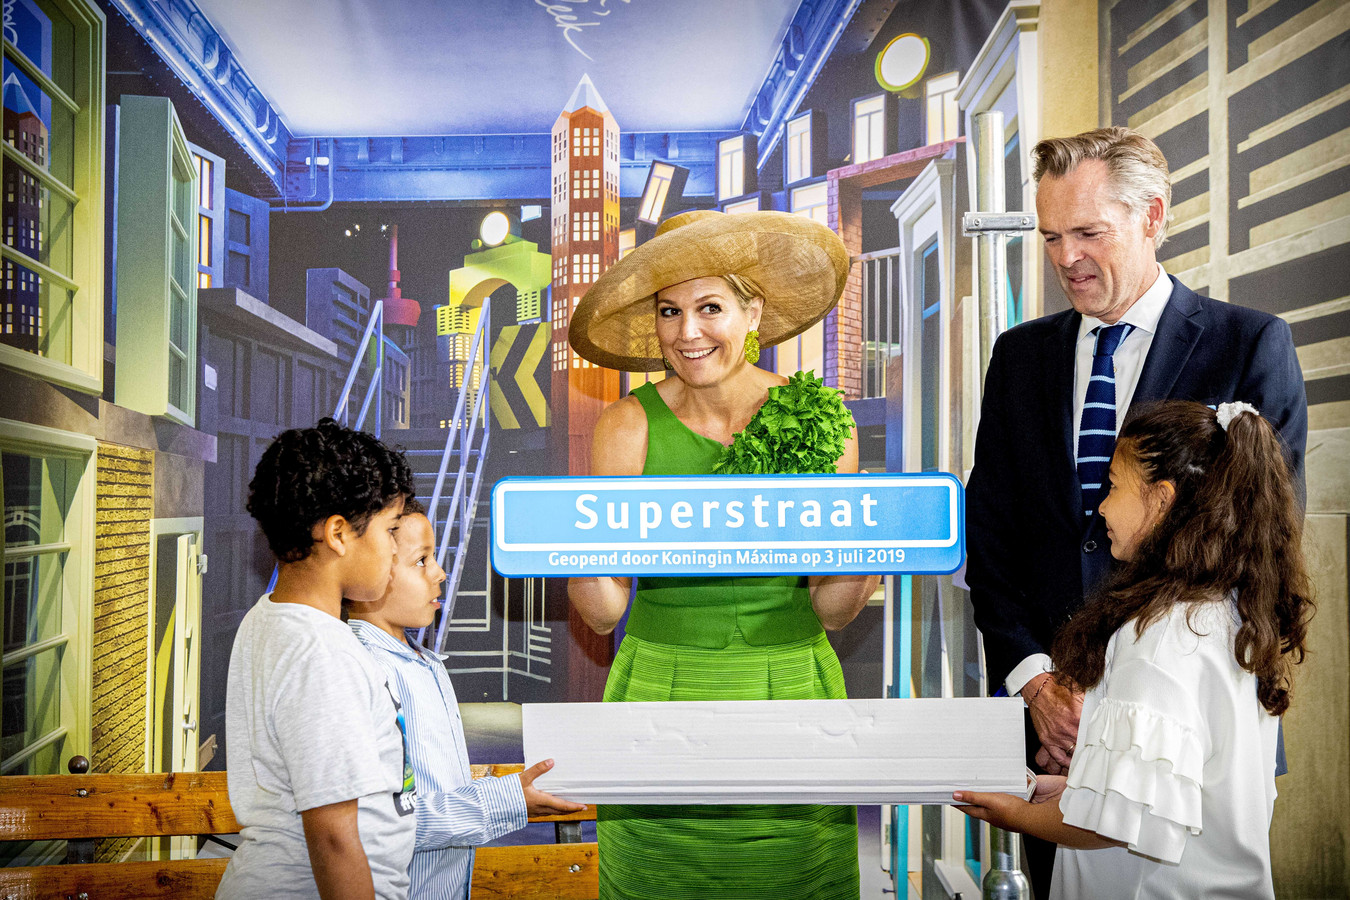 Koningin Maxima kwam verleden jaar naar het Wereldmuseum om de tentoonstelling Superstraat te openen.